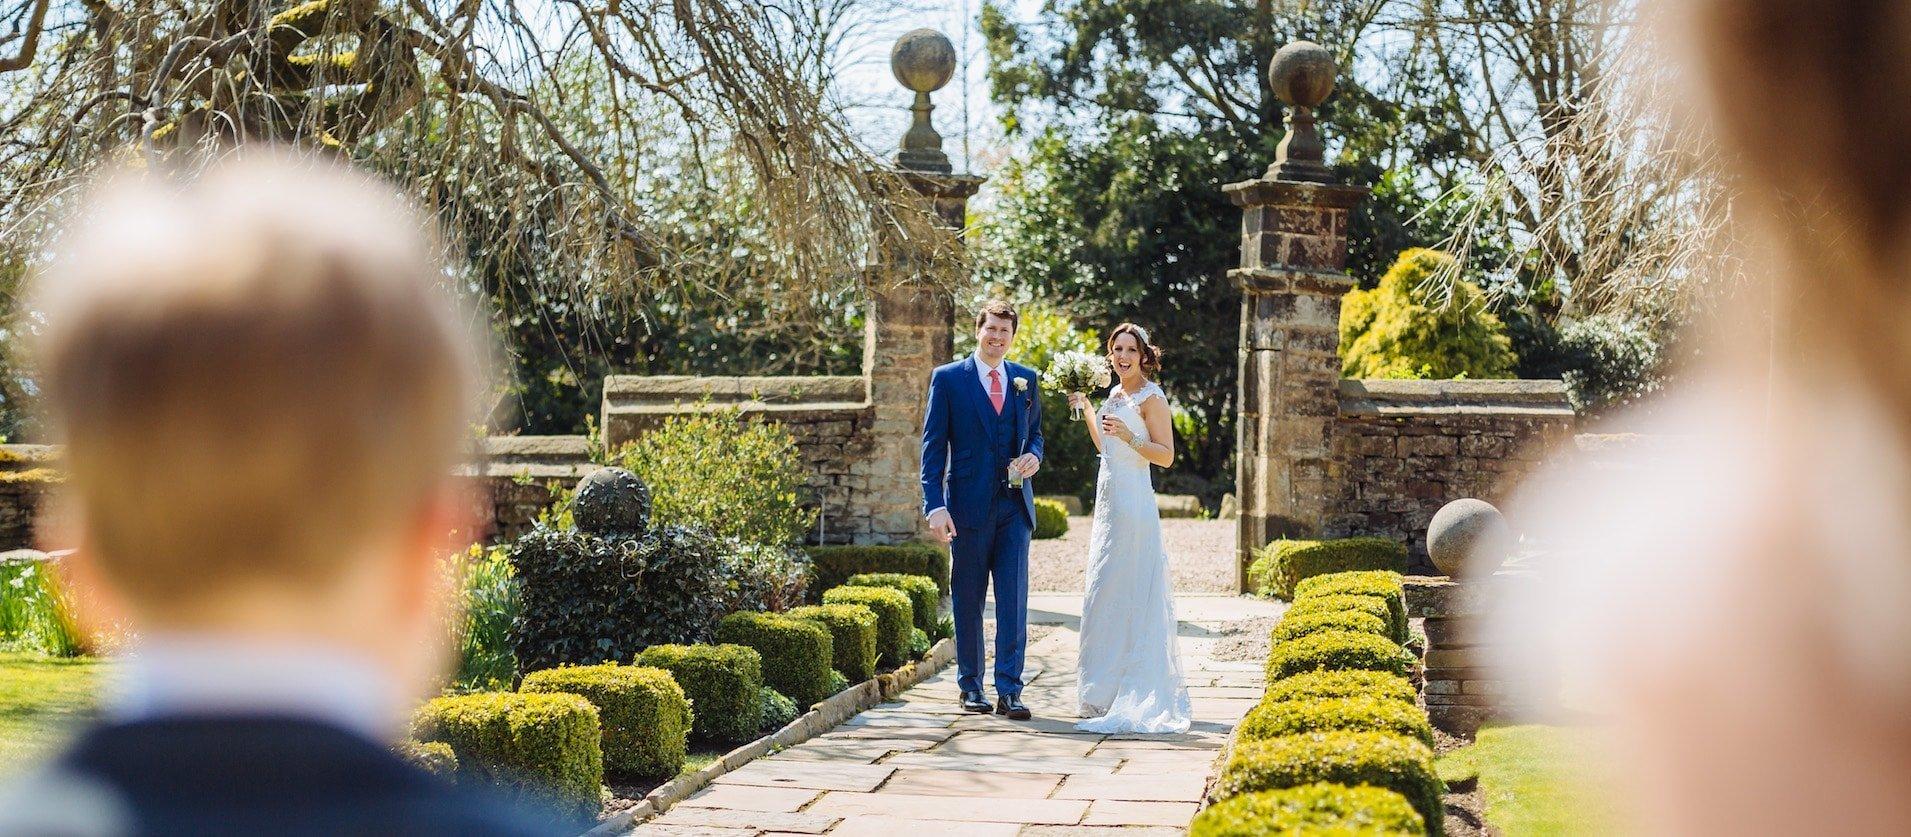 weddings halifax Holdsworth House venue